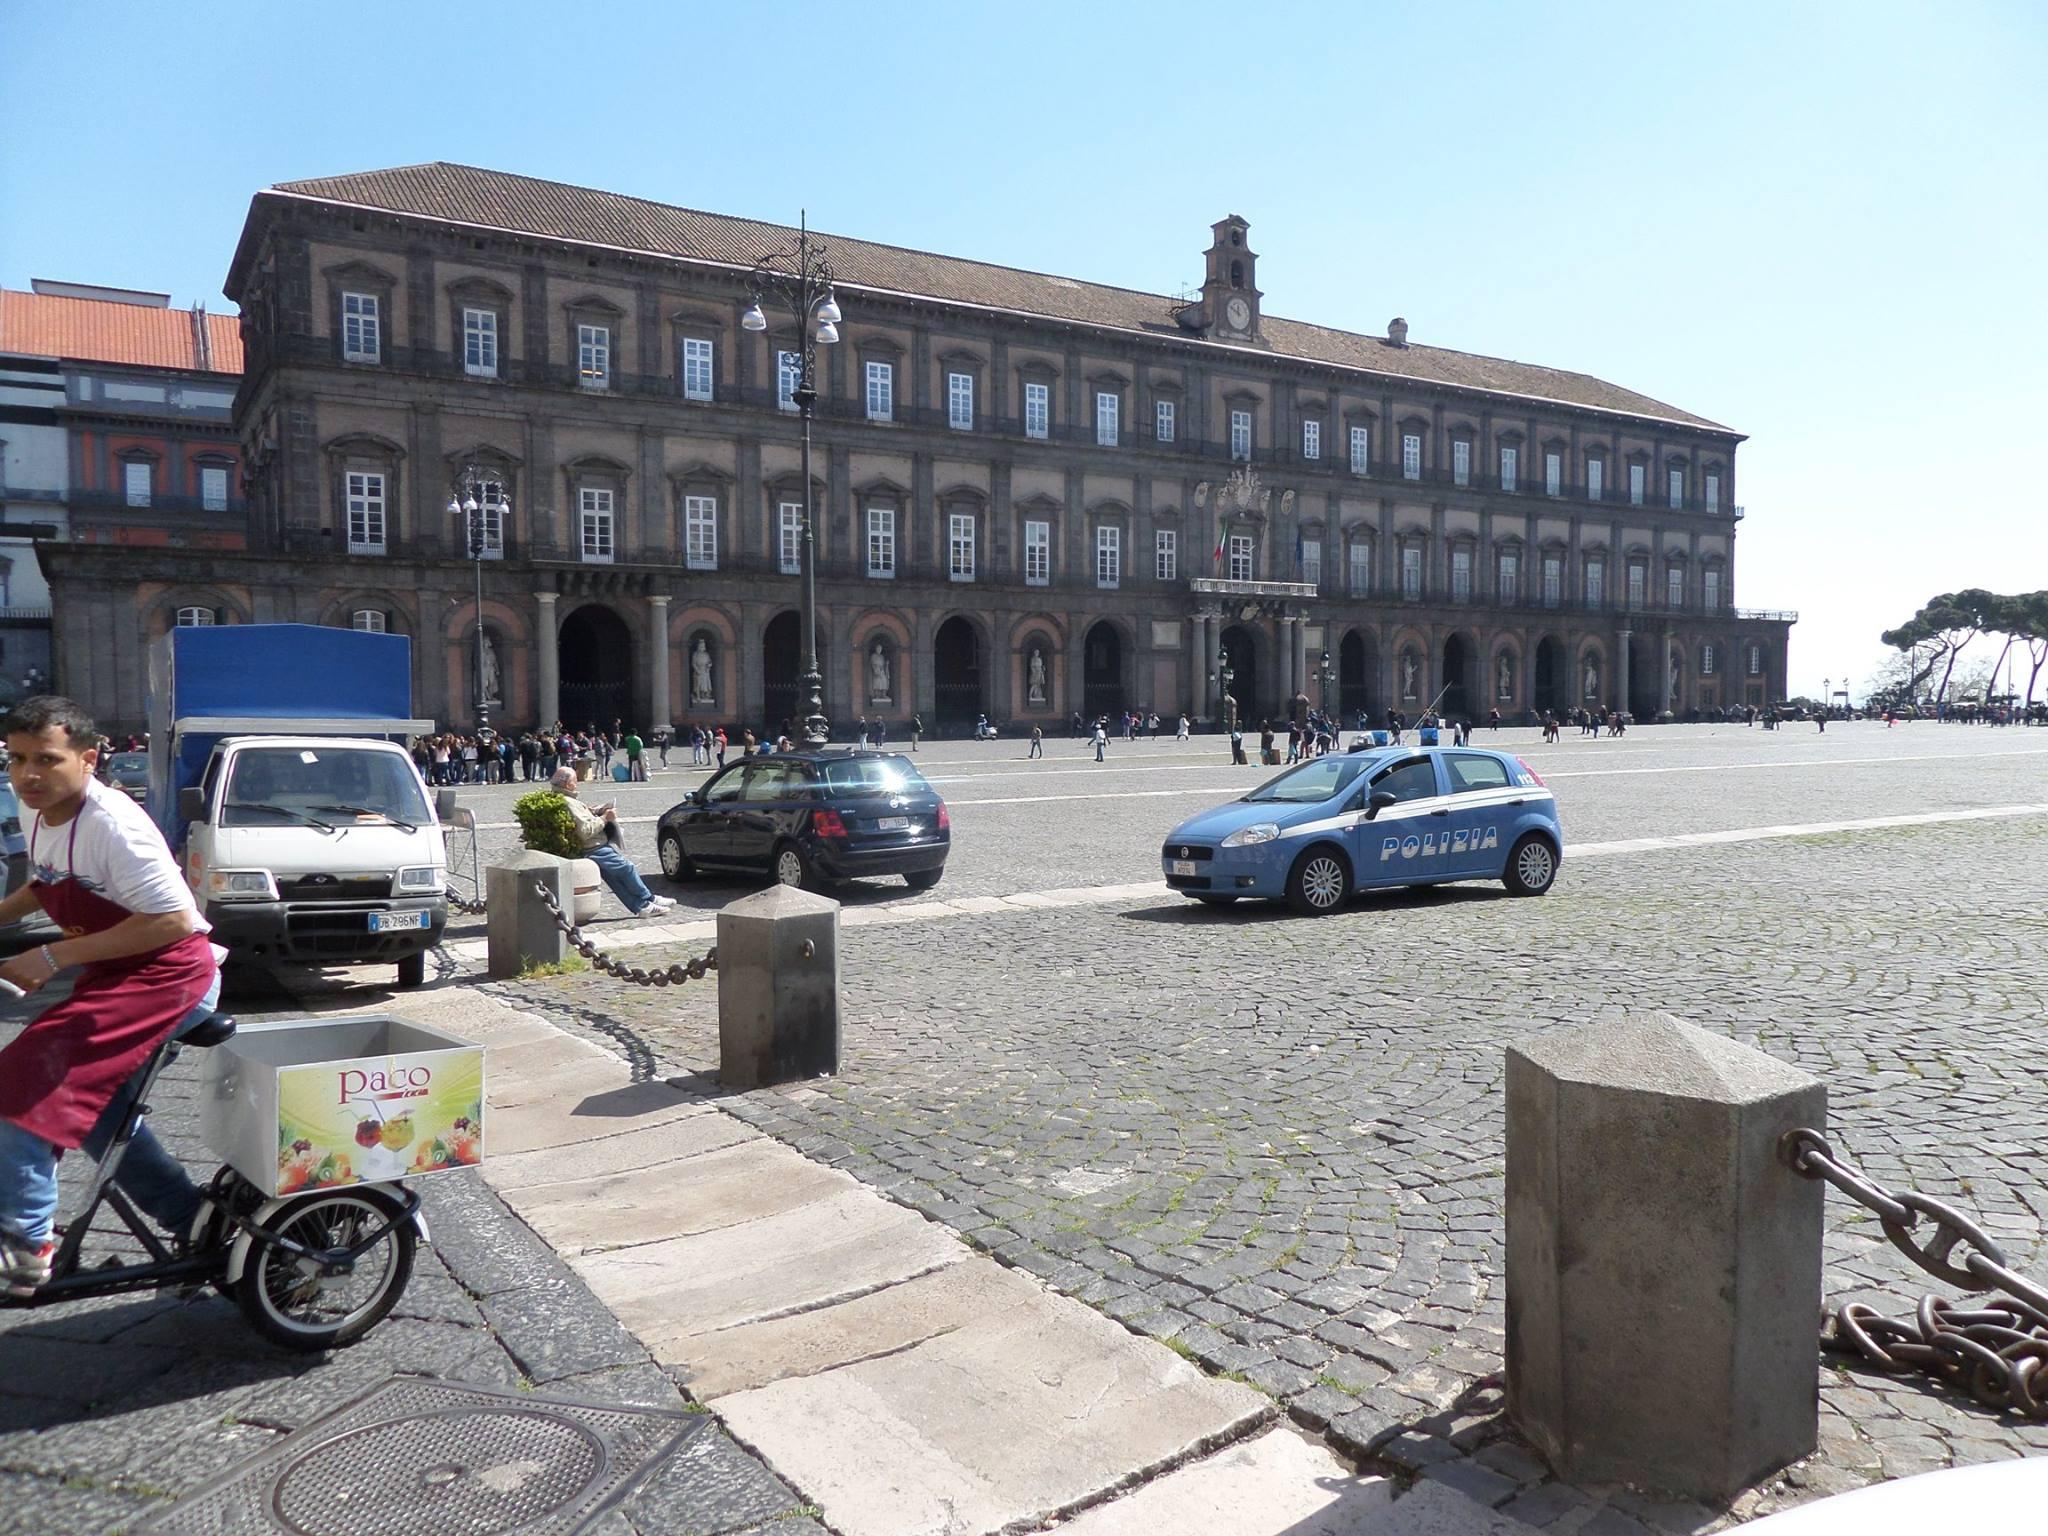 Piazza Plebiscito come un parcheggio. Ancora auto in sosta davanti a palazzo Reale